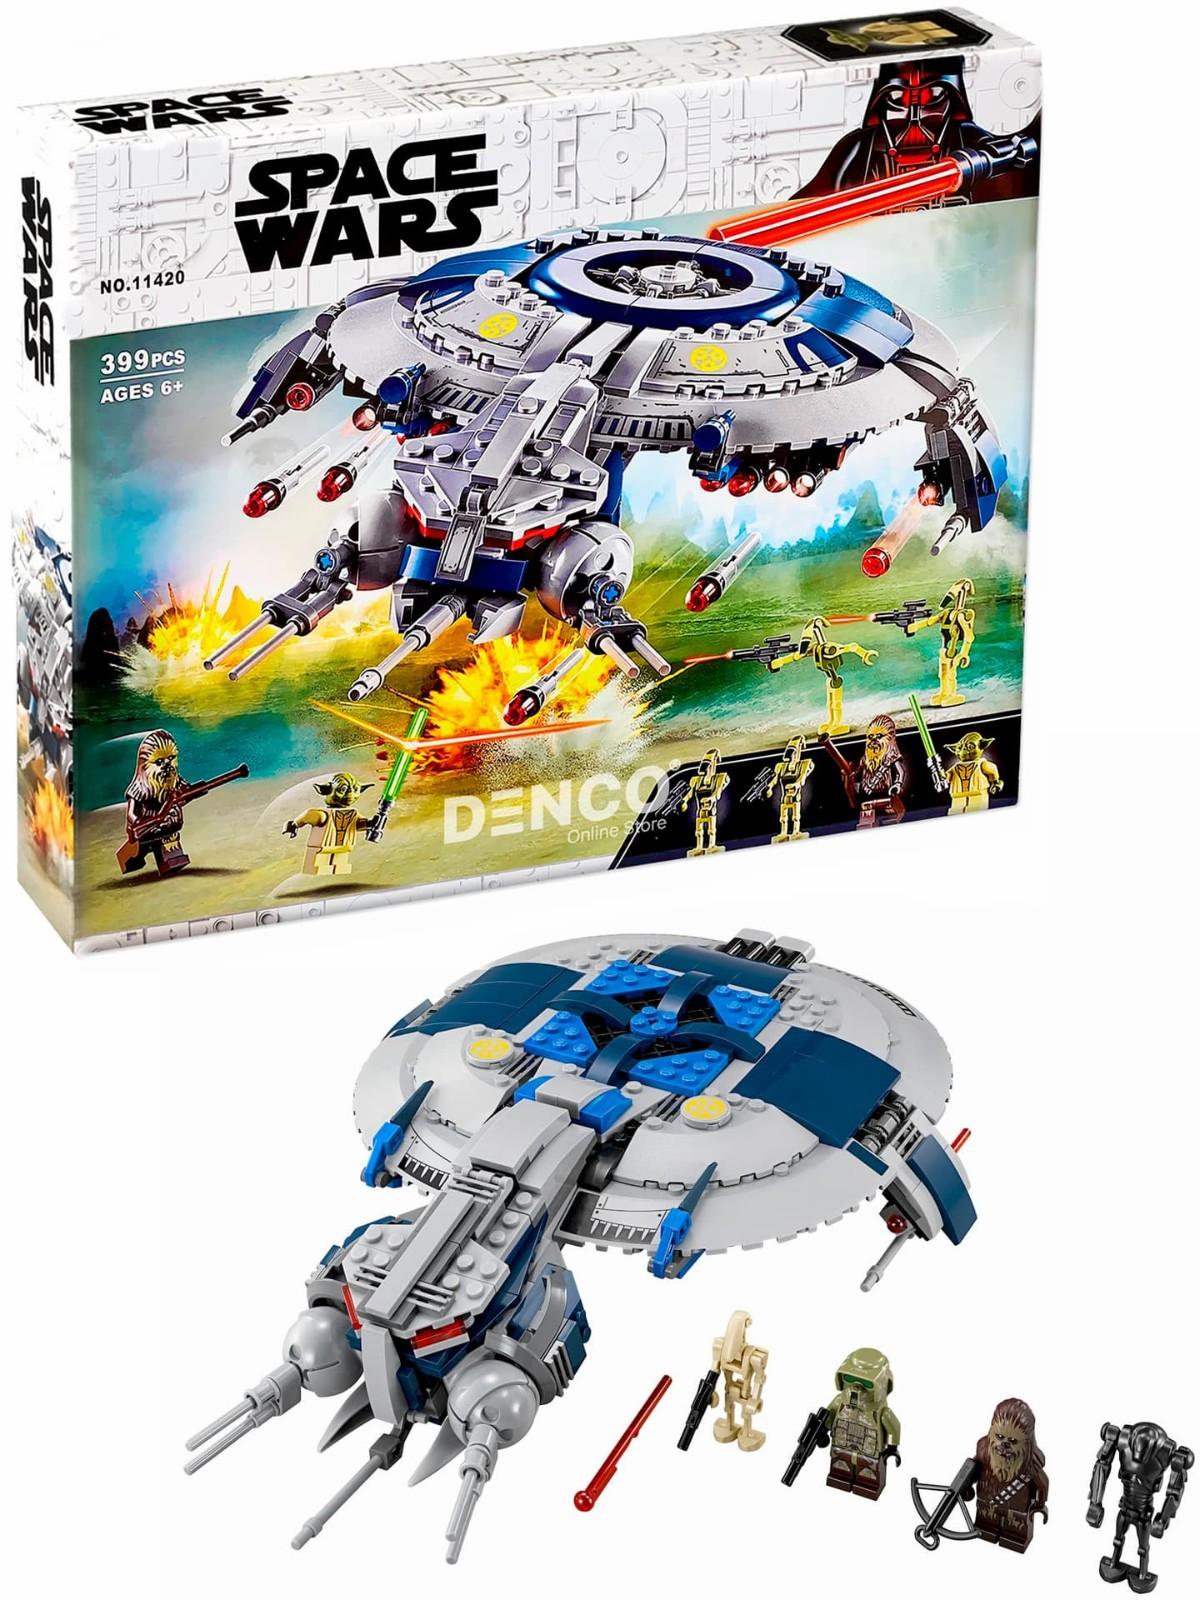 Конструктор Lari «Боевой корабль дроидов» 11420 (Star Wars 75233) / 399 деталей